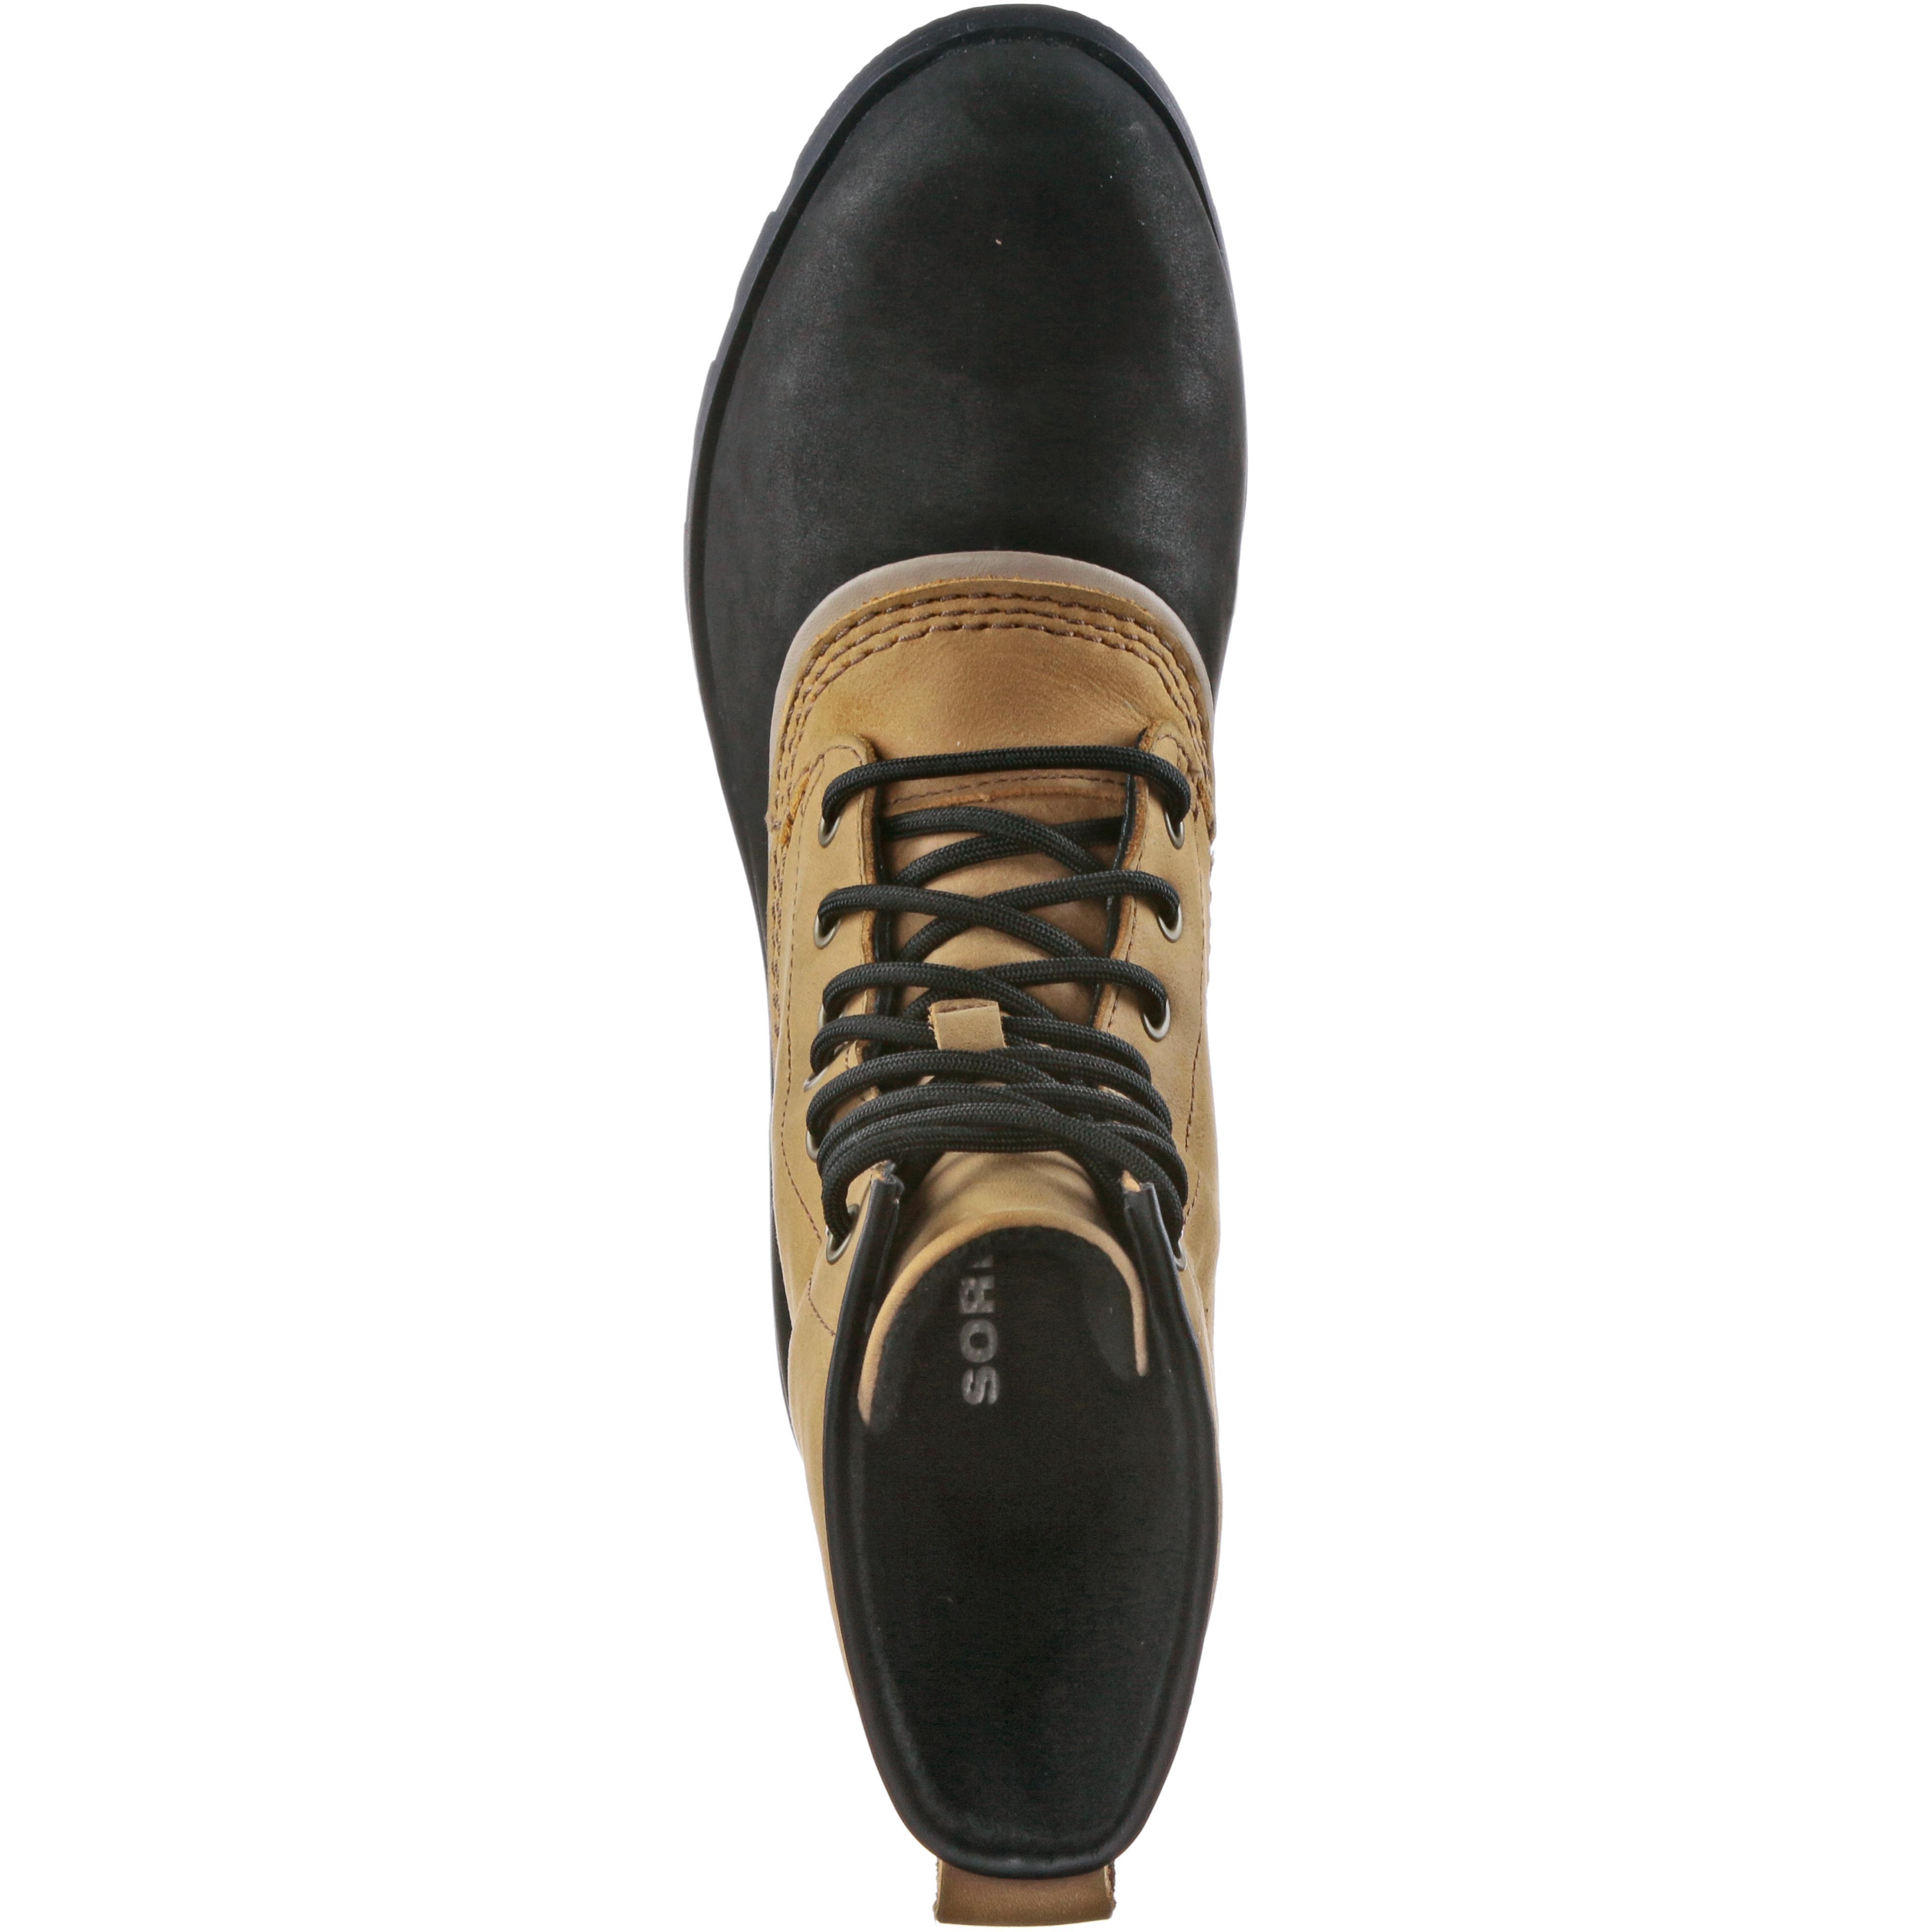 Sorel Emelie 1964 Winterschuhe Damen Damen Damen elk-schwarz im Online Shop von SportScheck kaufen Gute Qualität beliebte Schuhe 6f25dd